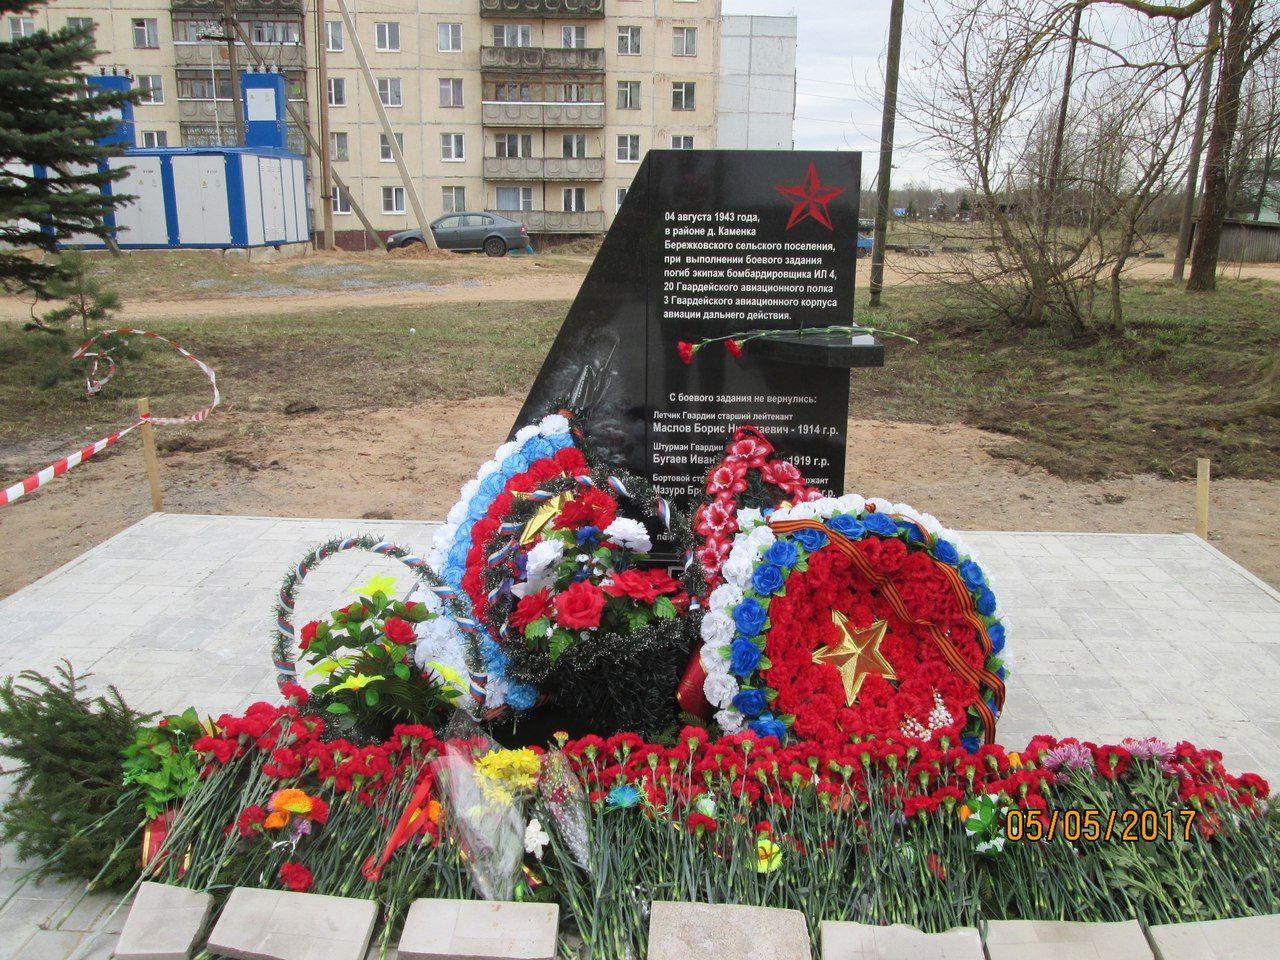 Памятник летчикам экипажа ИЛ-4